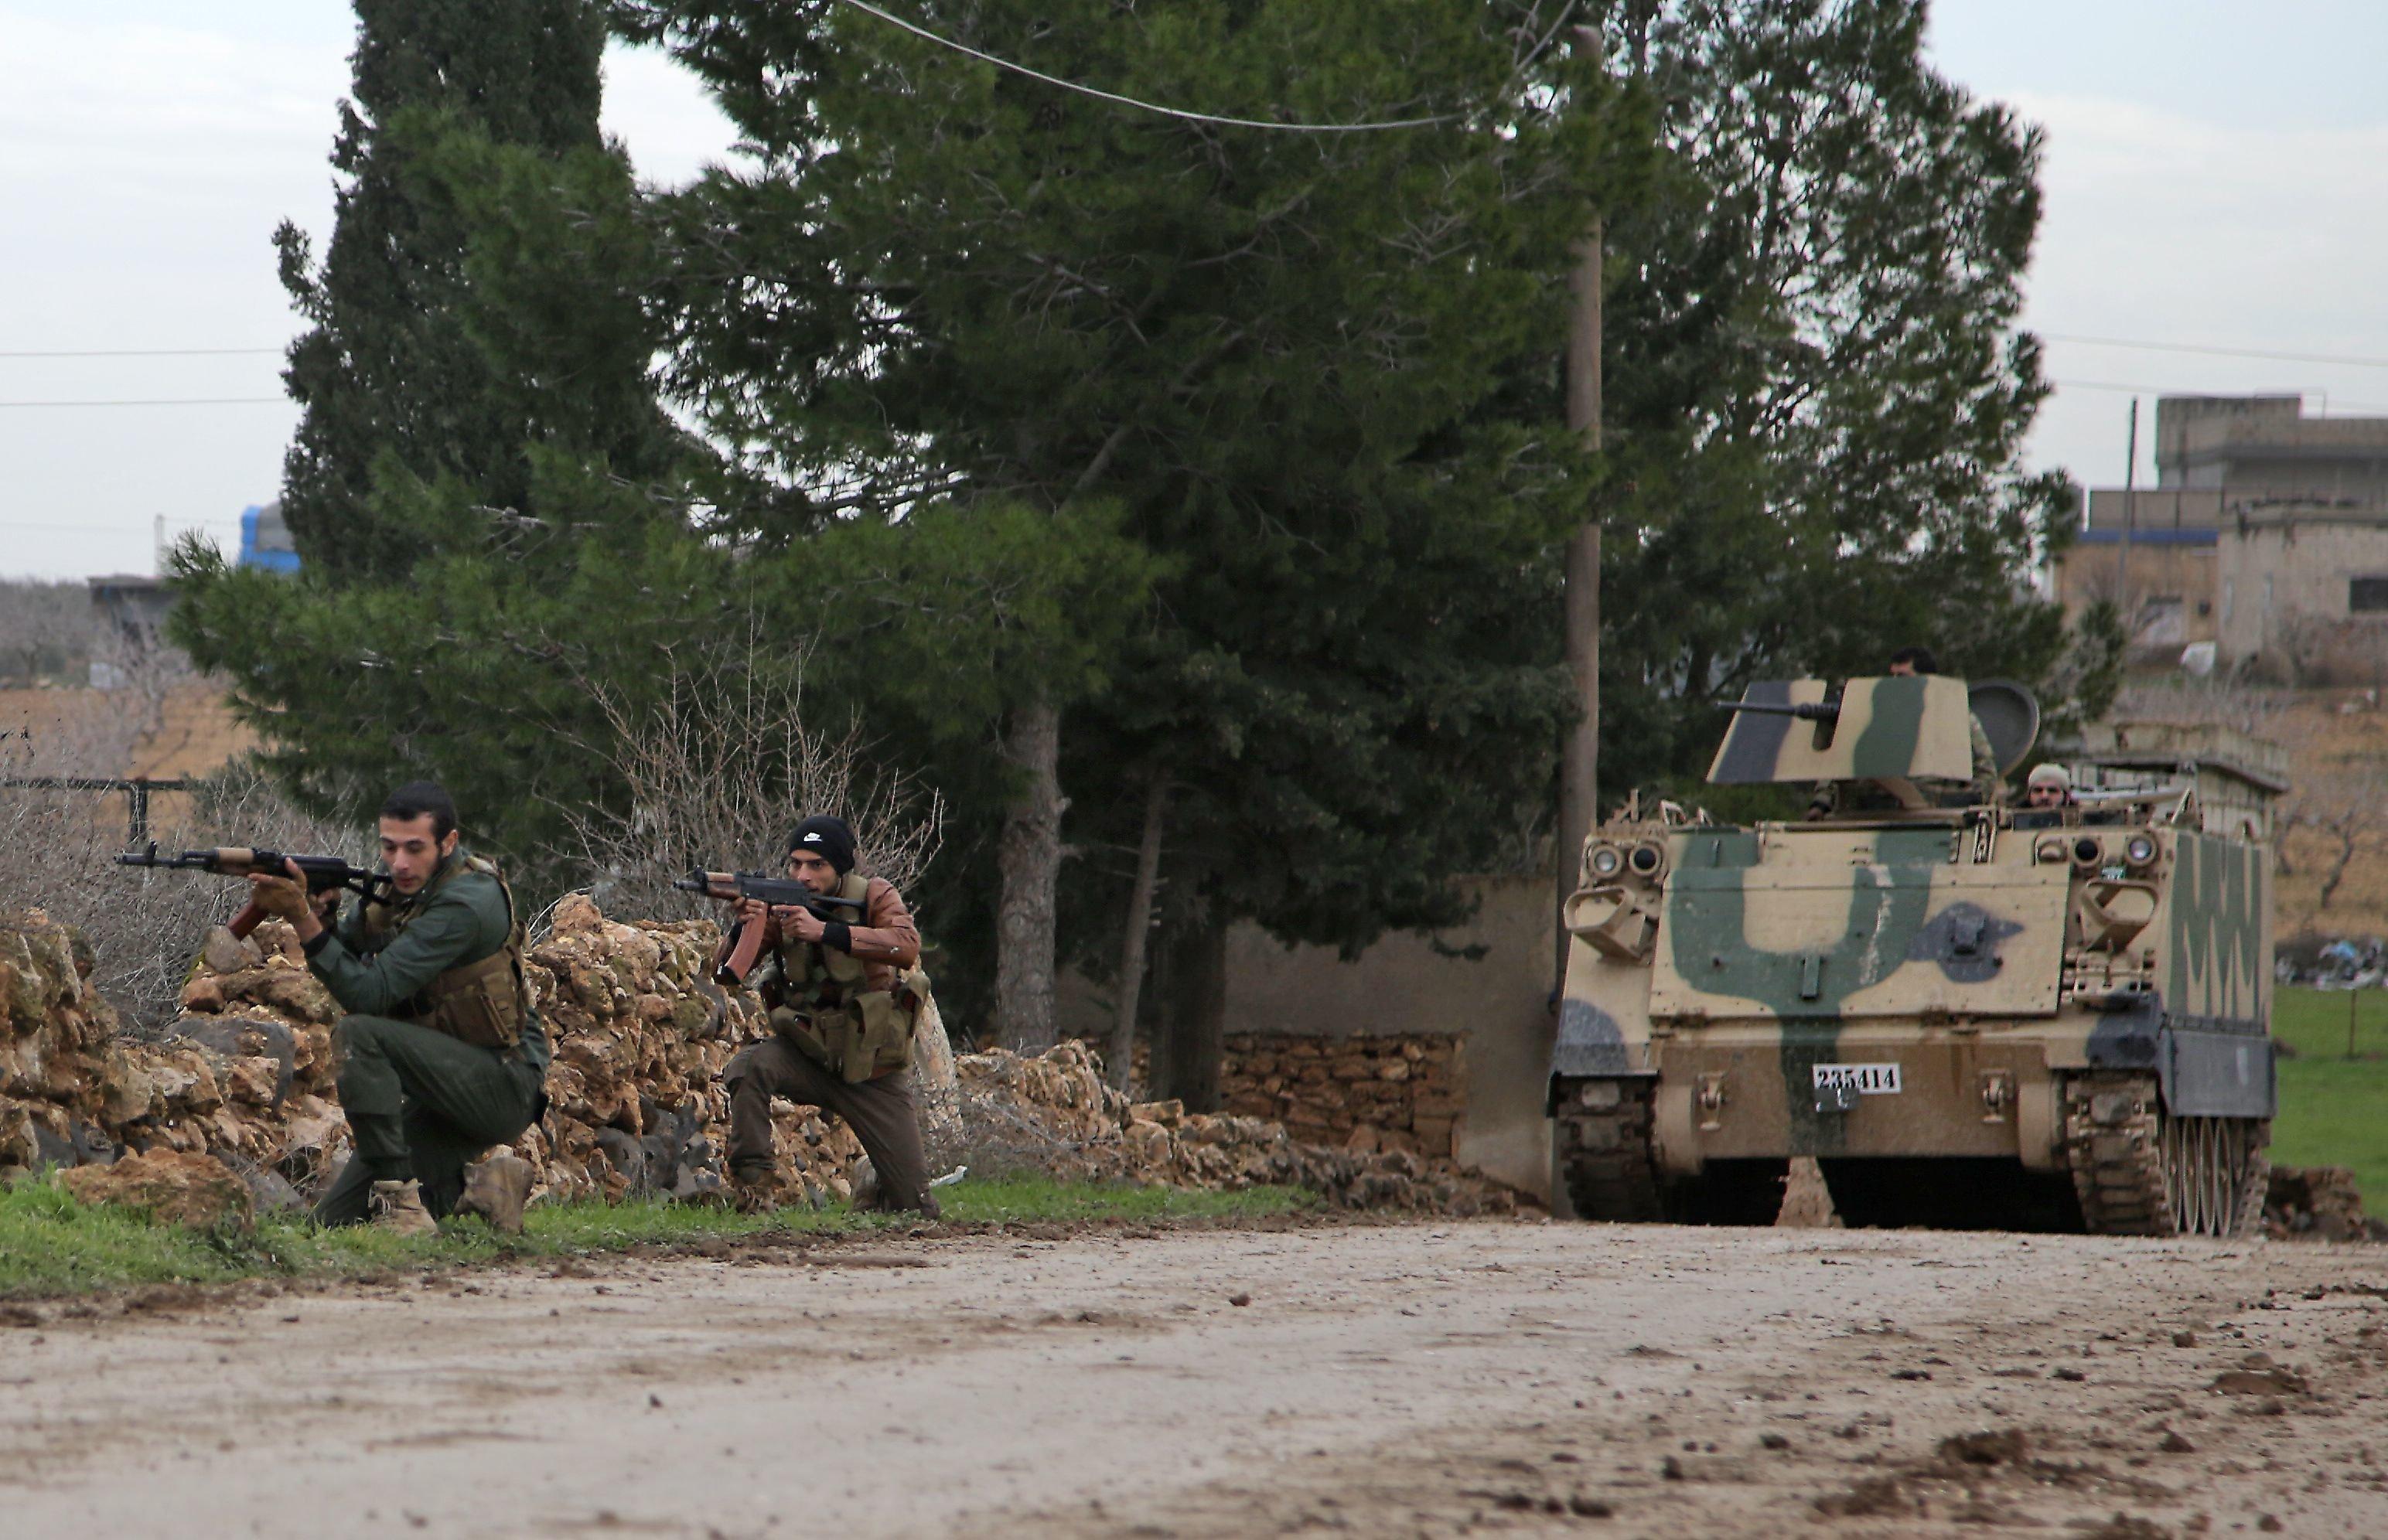 Syrie: les kurdes rejettent une zone de sécurité sous contrôle